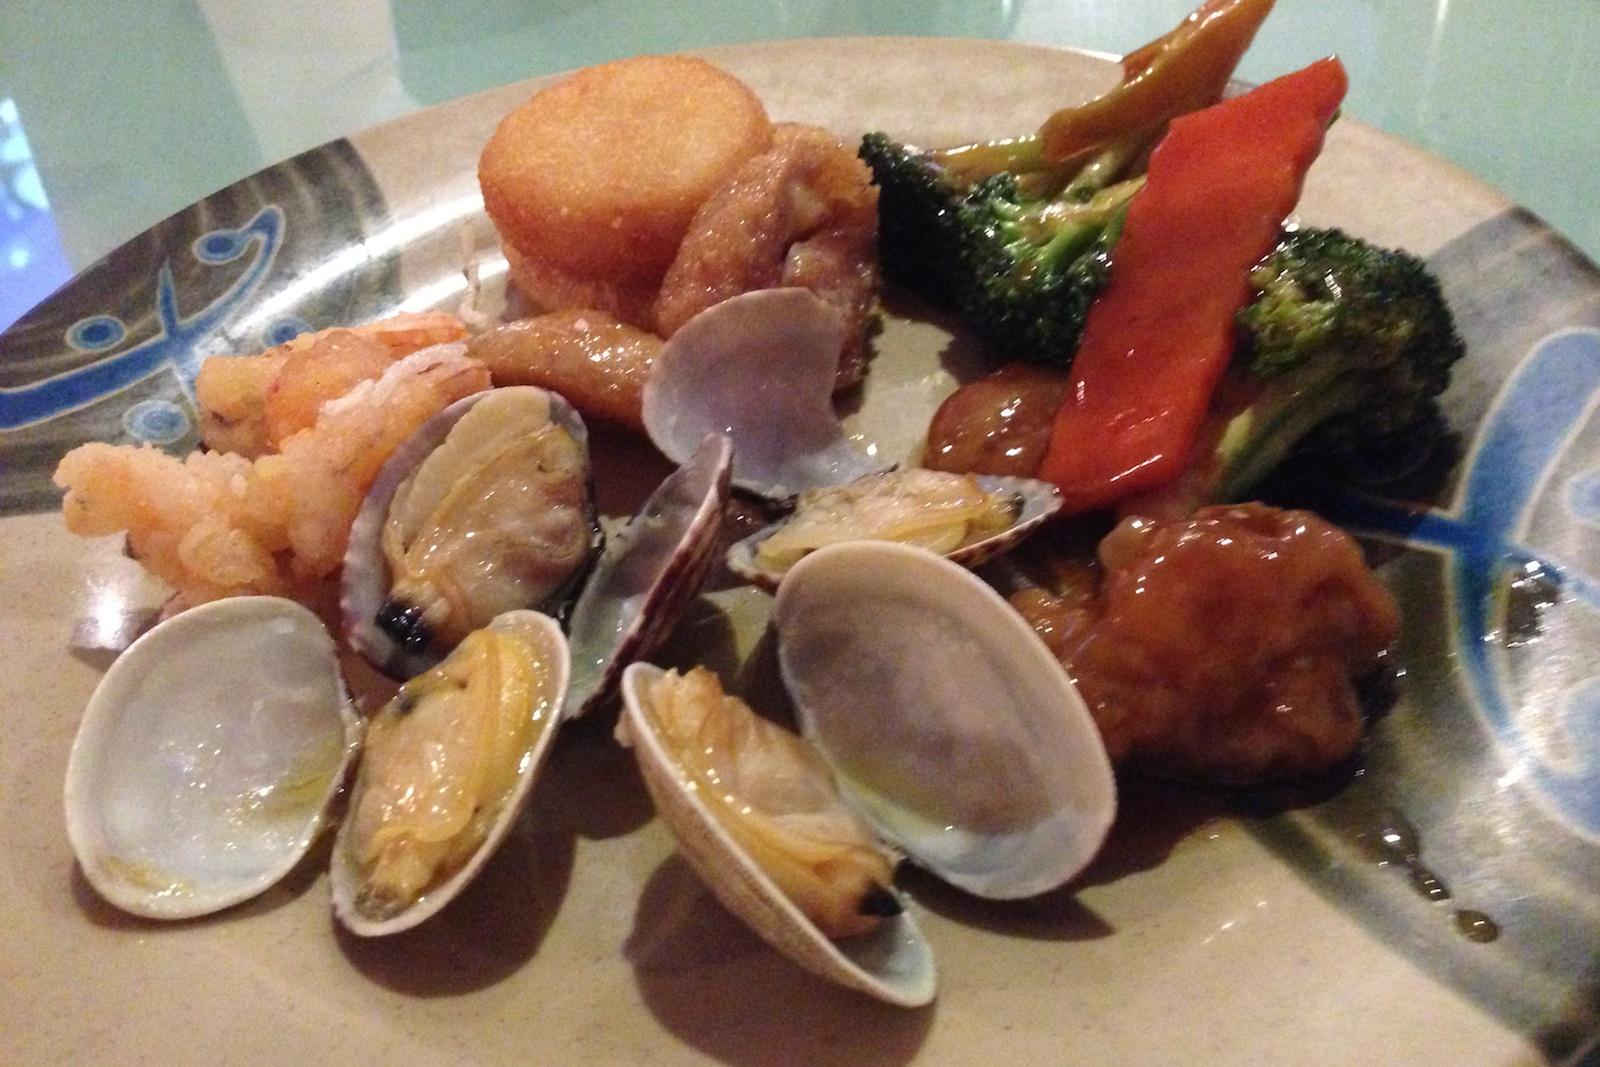 http://blog.rickk.com/food/2014/02/09/2014.02.09.d2.jpg